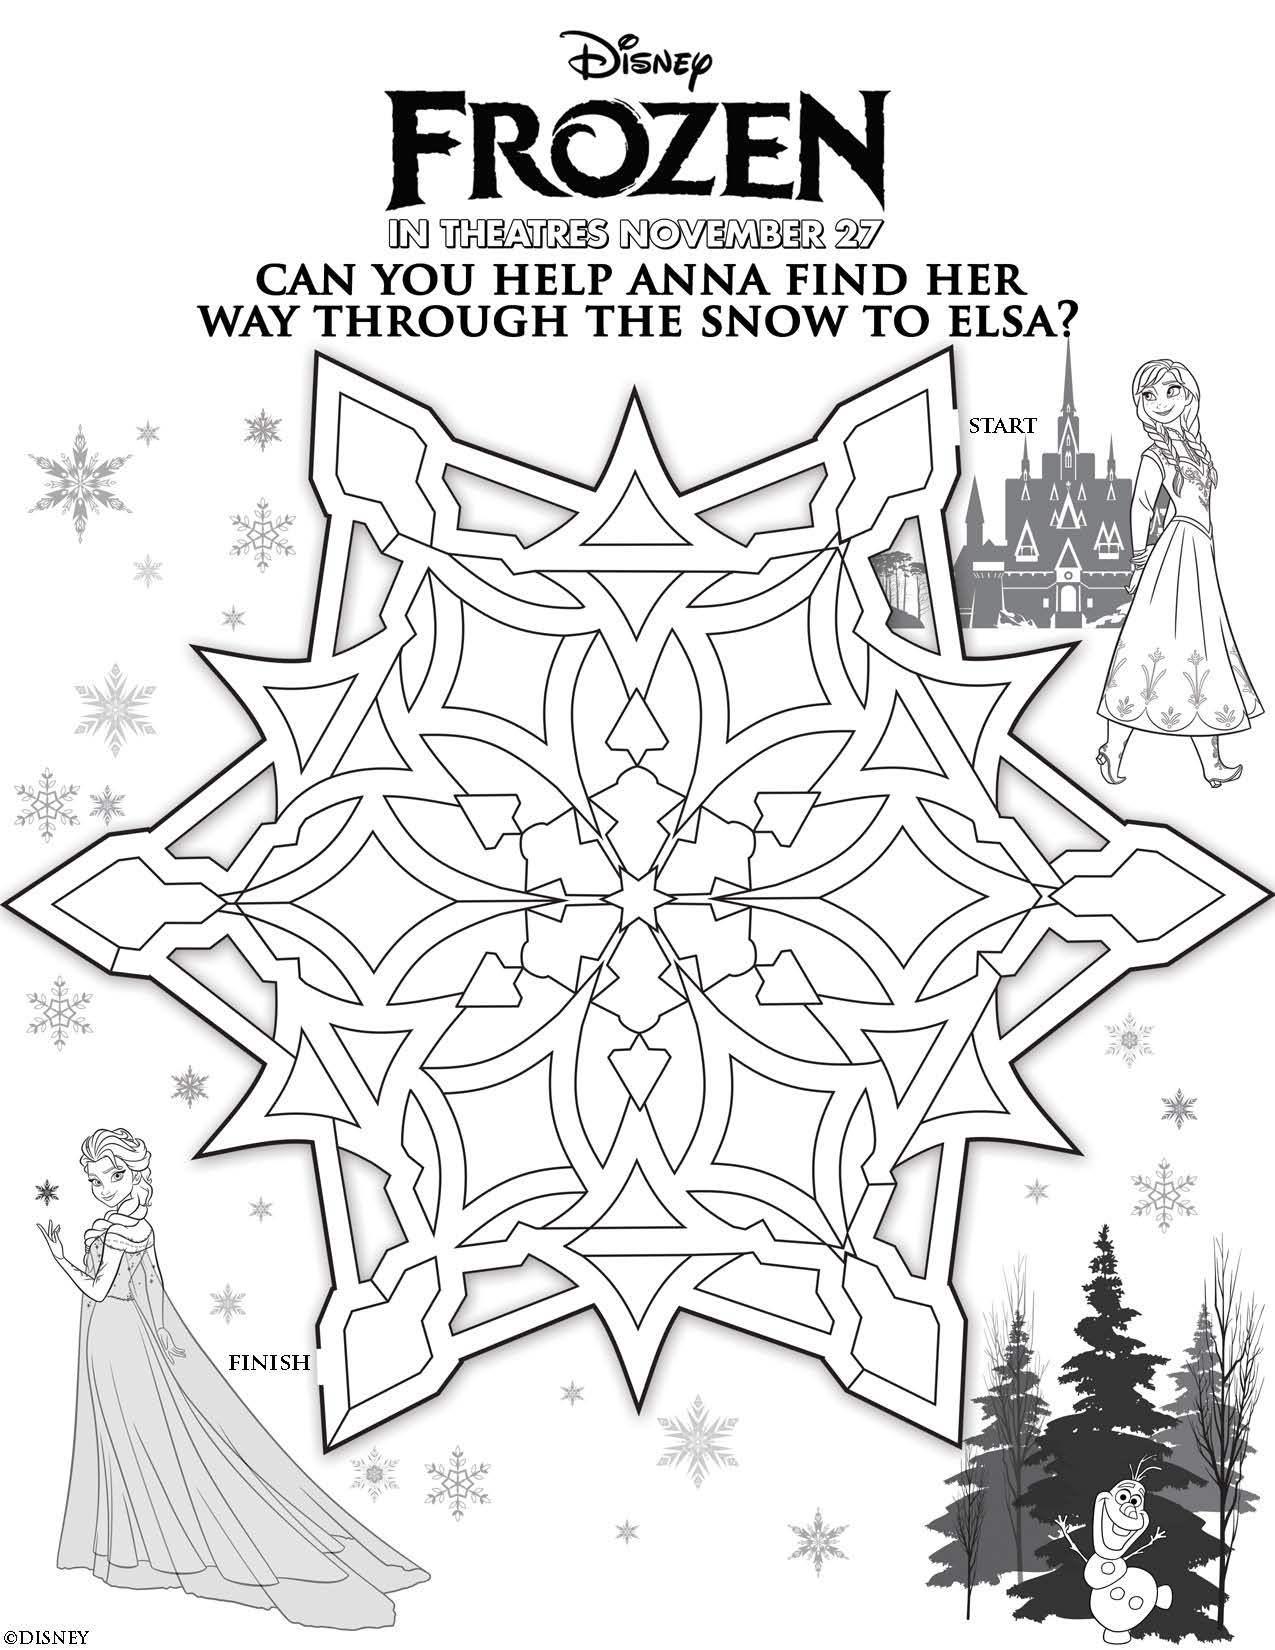 Unique Disney Frozen Character Coloring Pages Photos